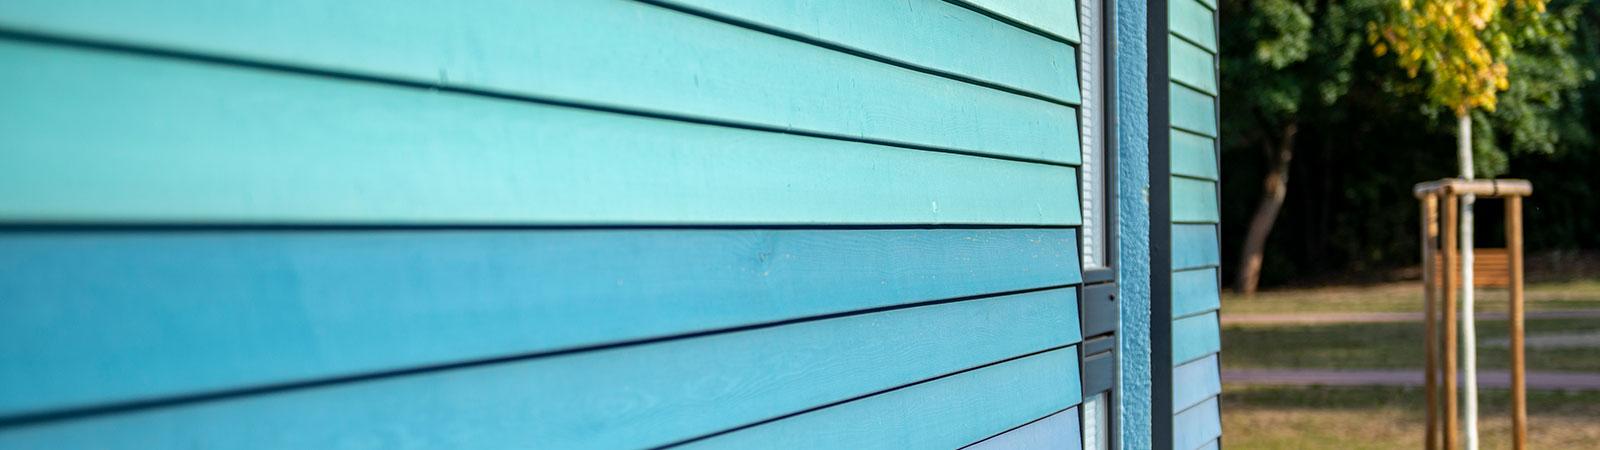 Holzanstriche für die Fassade - Osmo Holz und Color GmbH & Co. KG